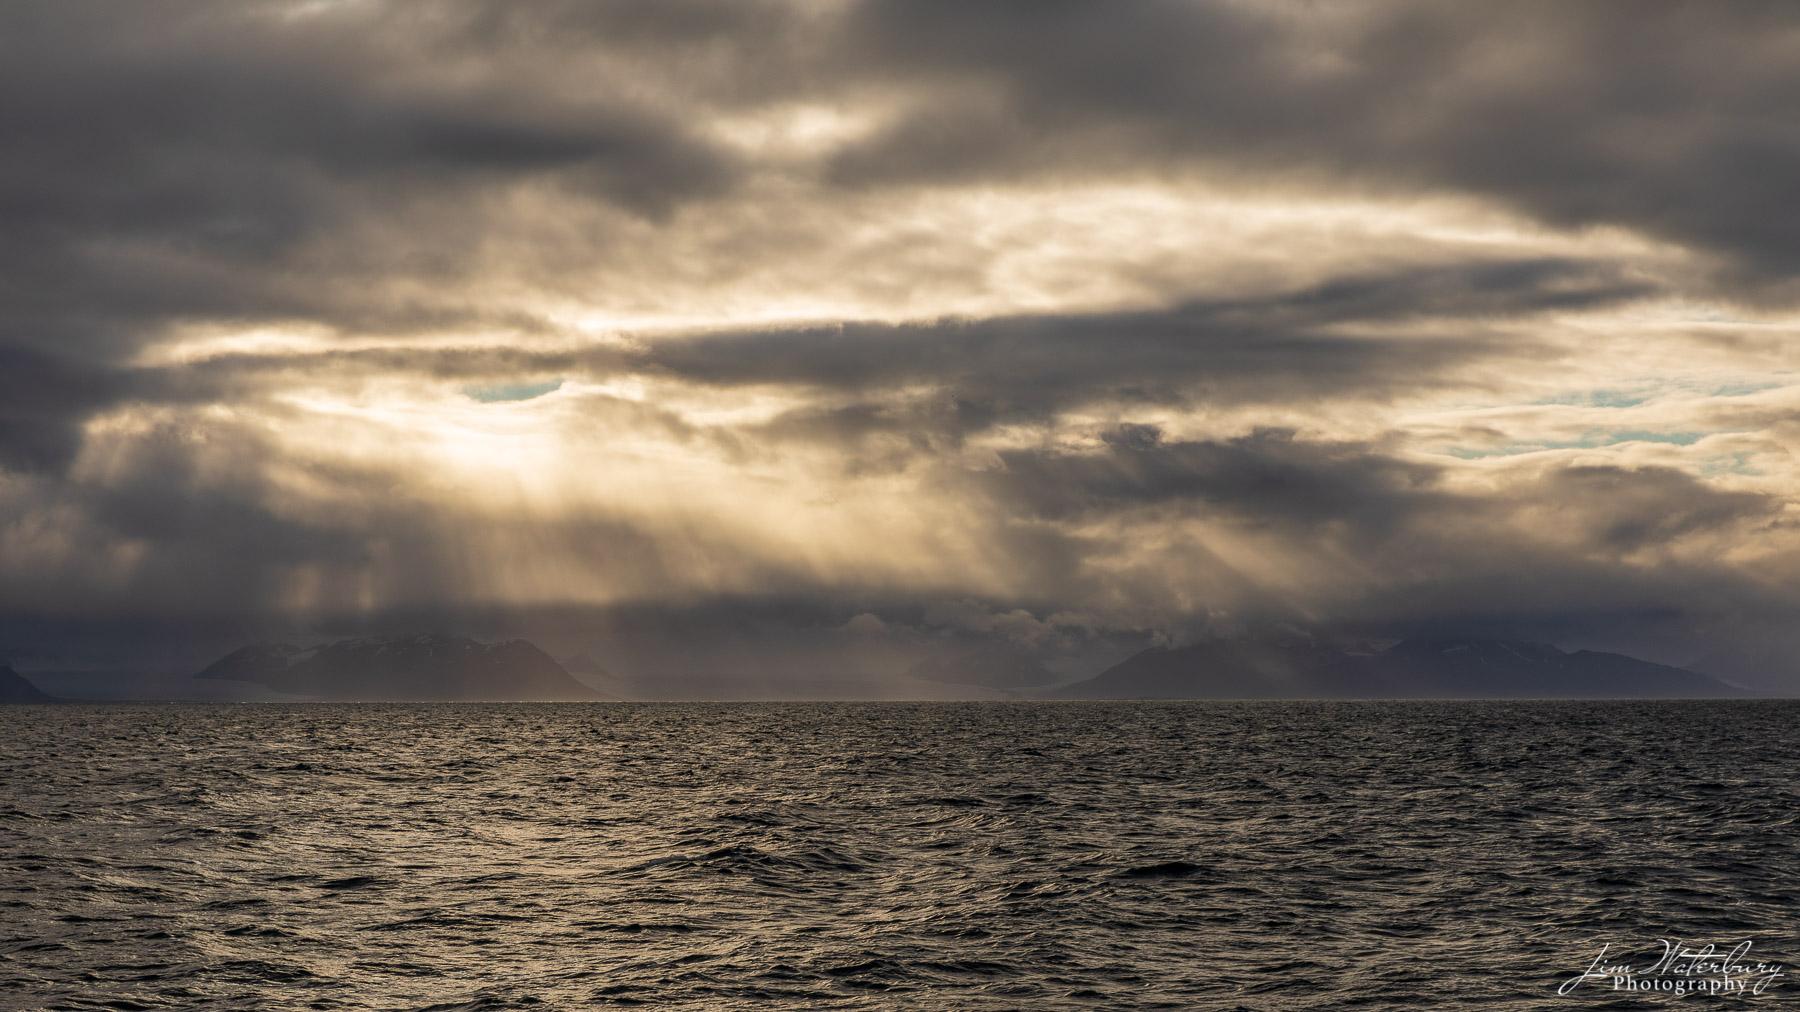 storm, clouds, mountains, Spitsbergen, Svalbard, photo